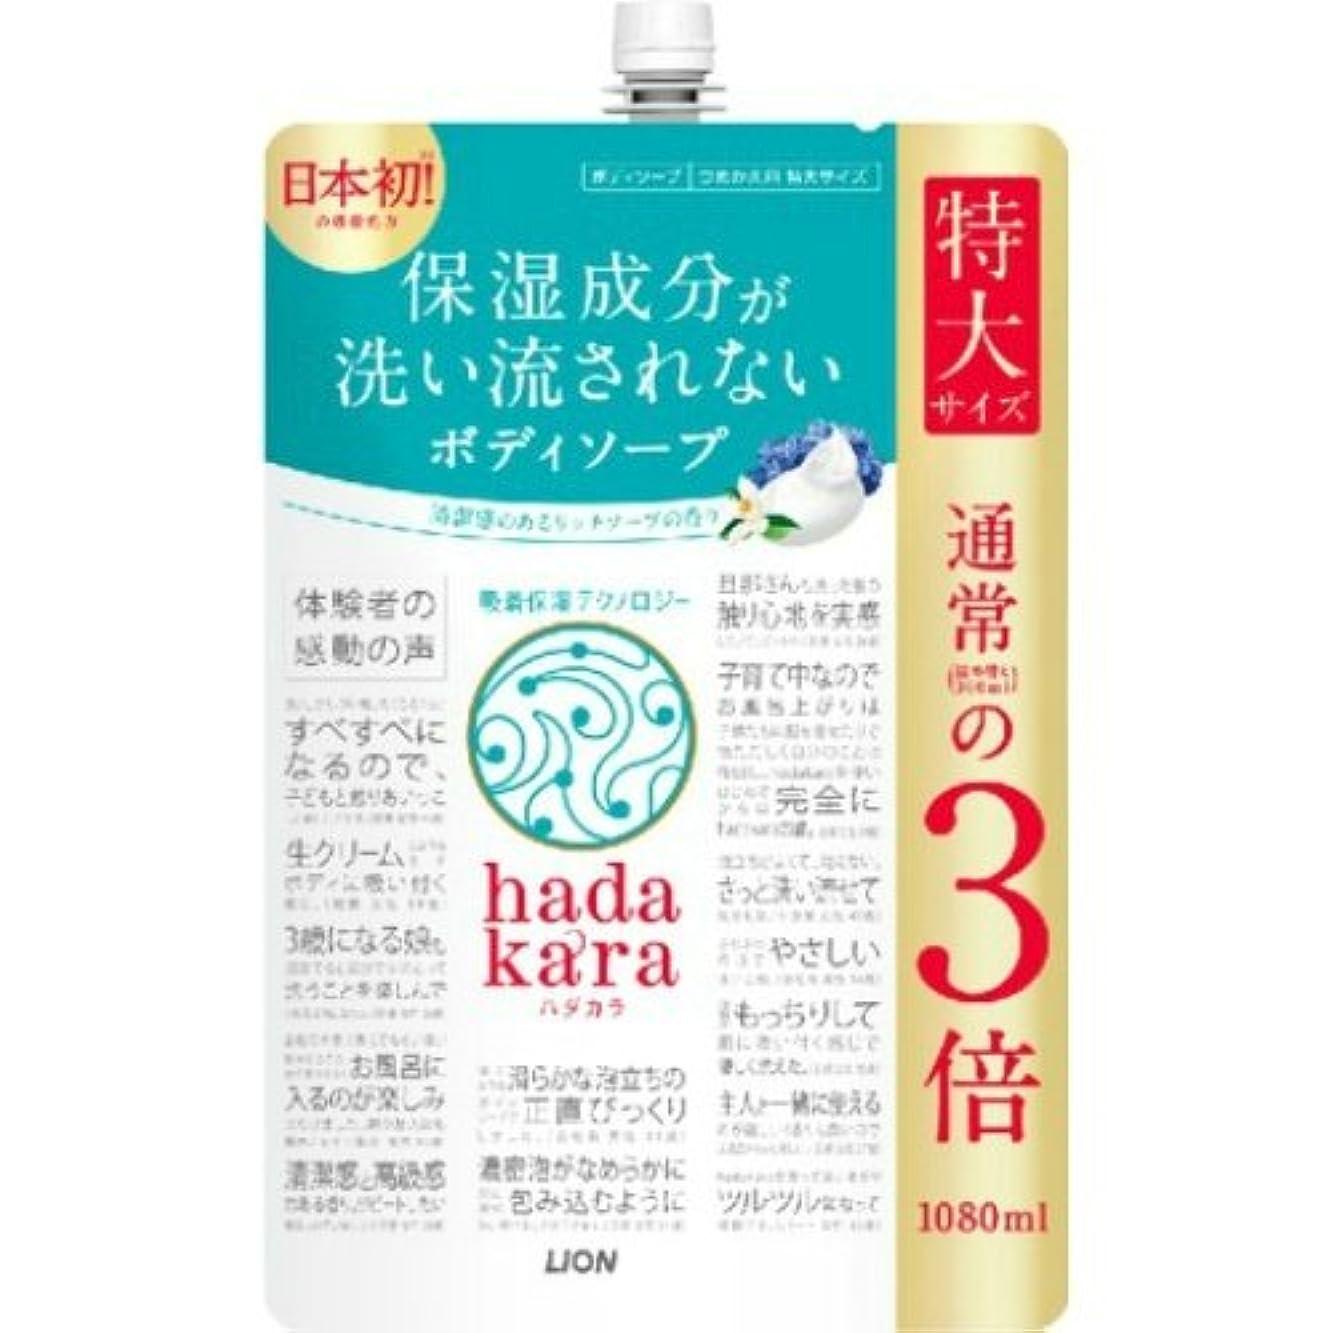 上がるエンティティ回転するLION ライオン hadakara ハダカラ ボディソープ リッチソープの香り つめかえ用 特大サイズ 1080ml ×3点セット(4903301260882)